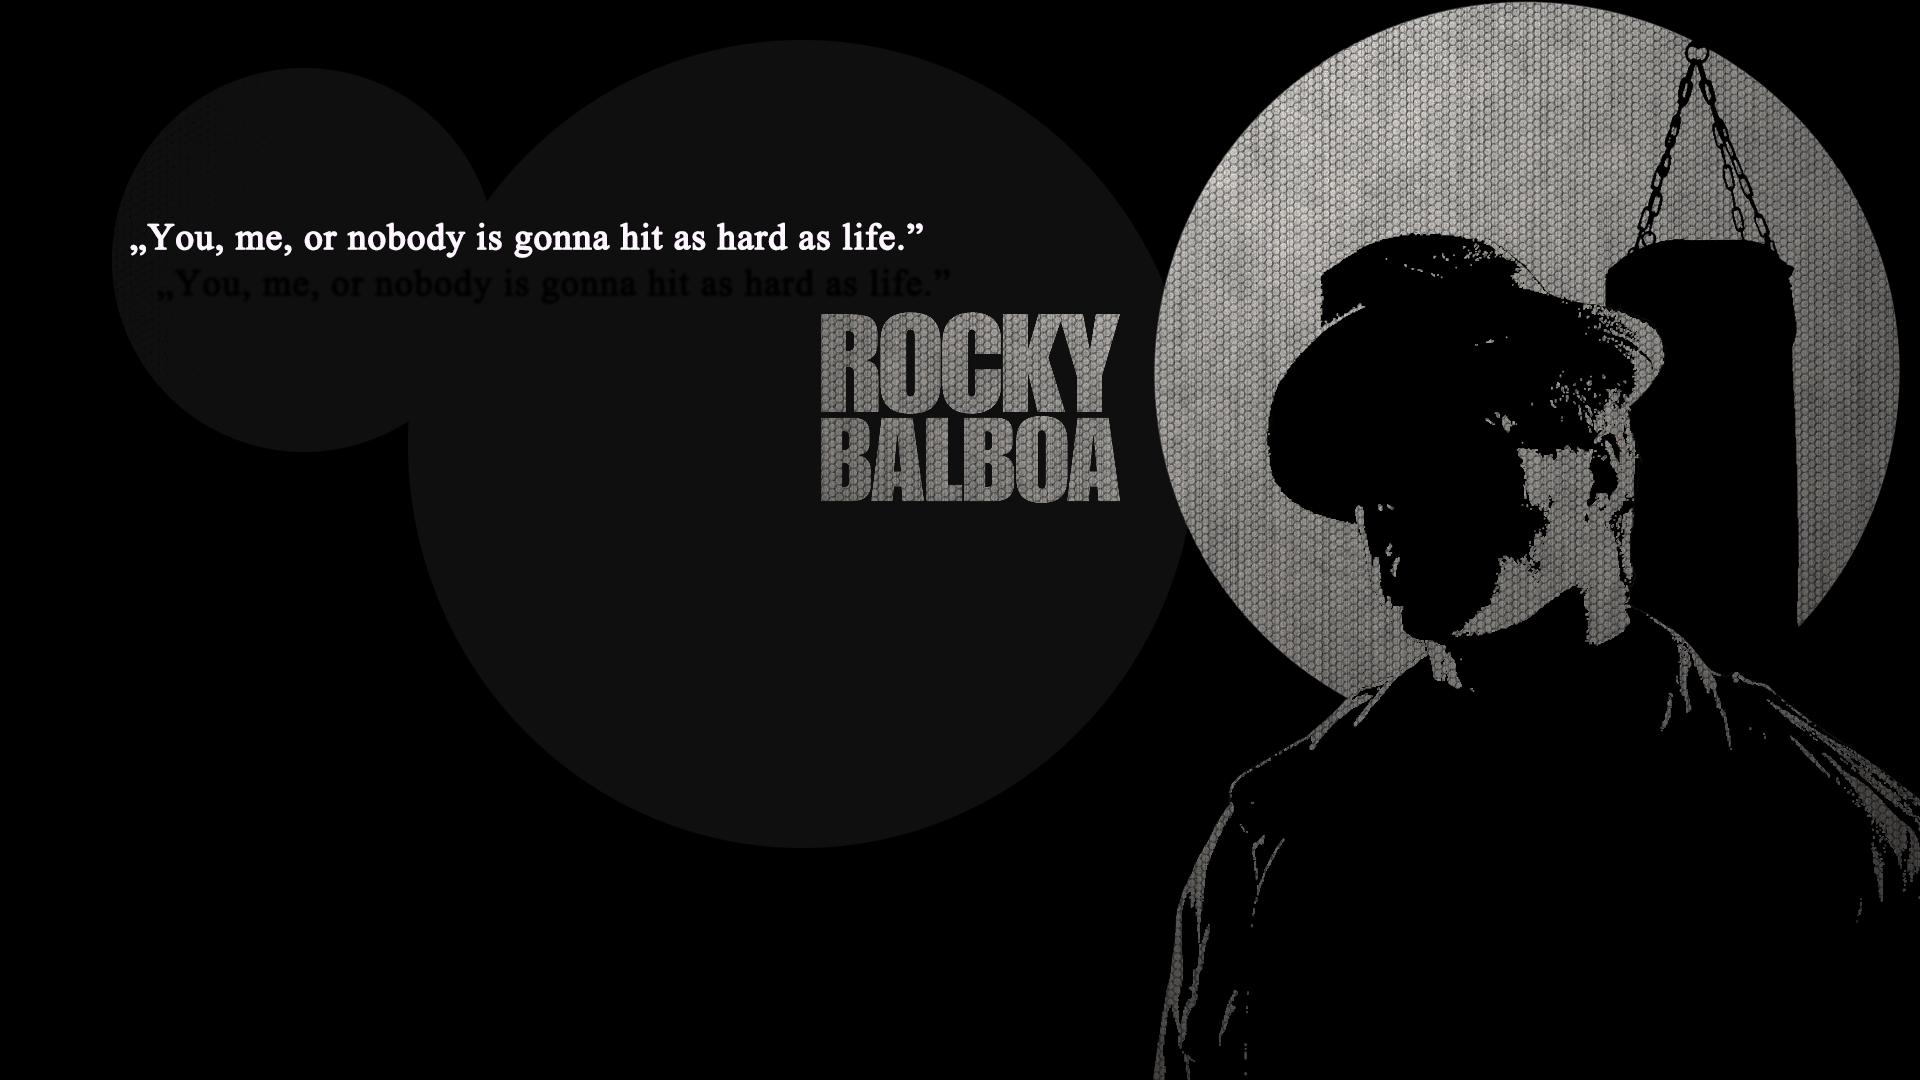 Rocky Balboa Rocky